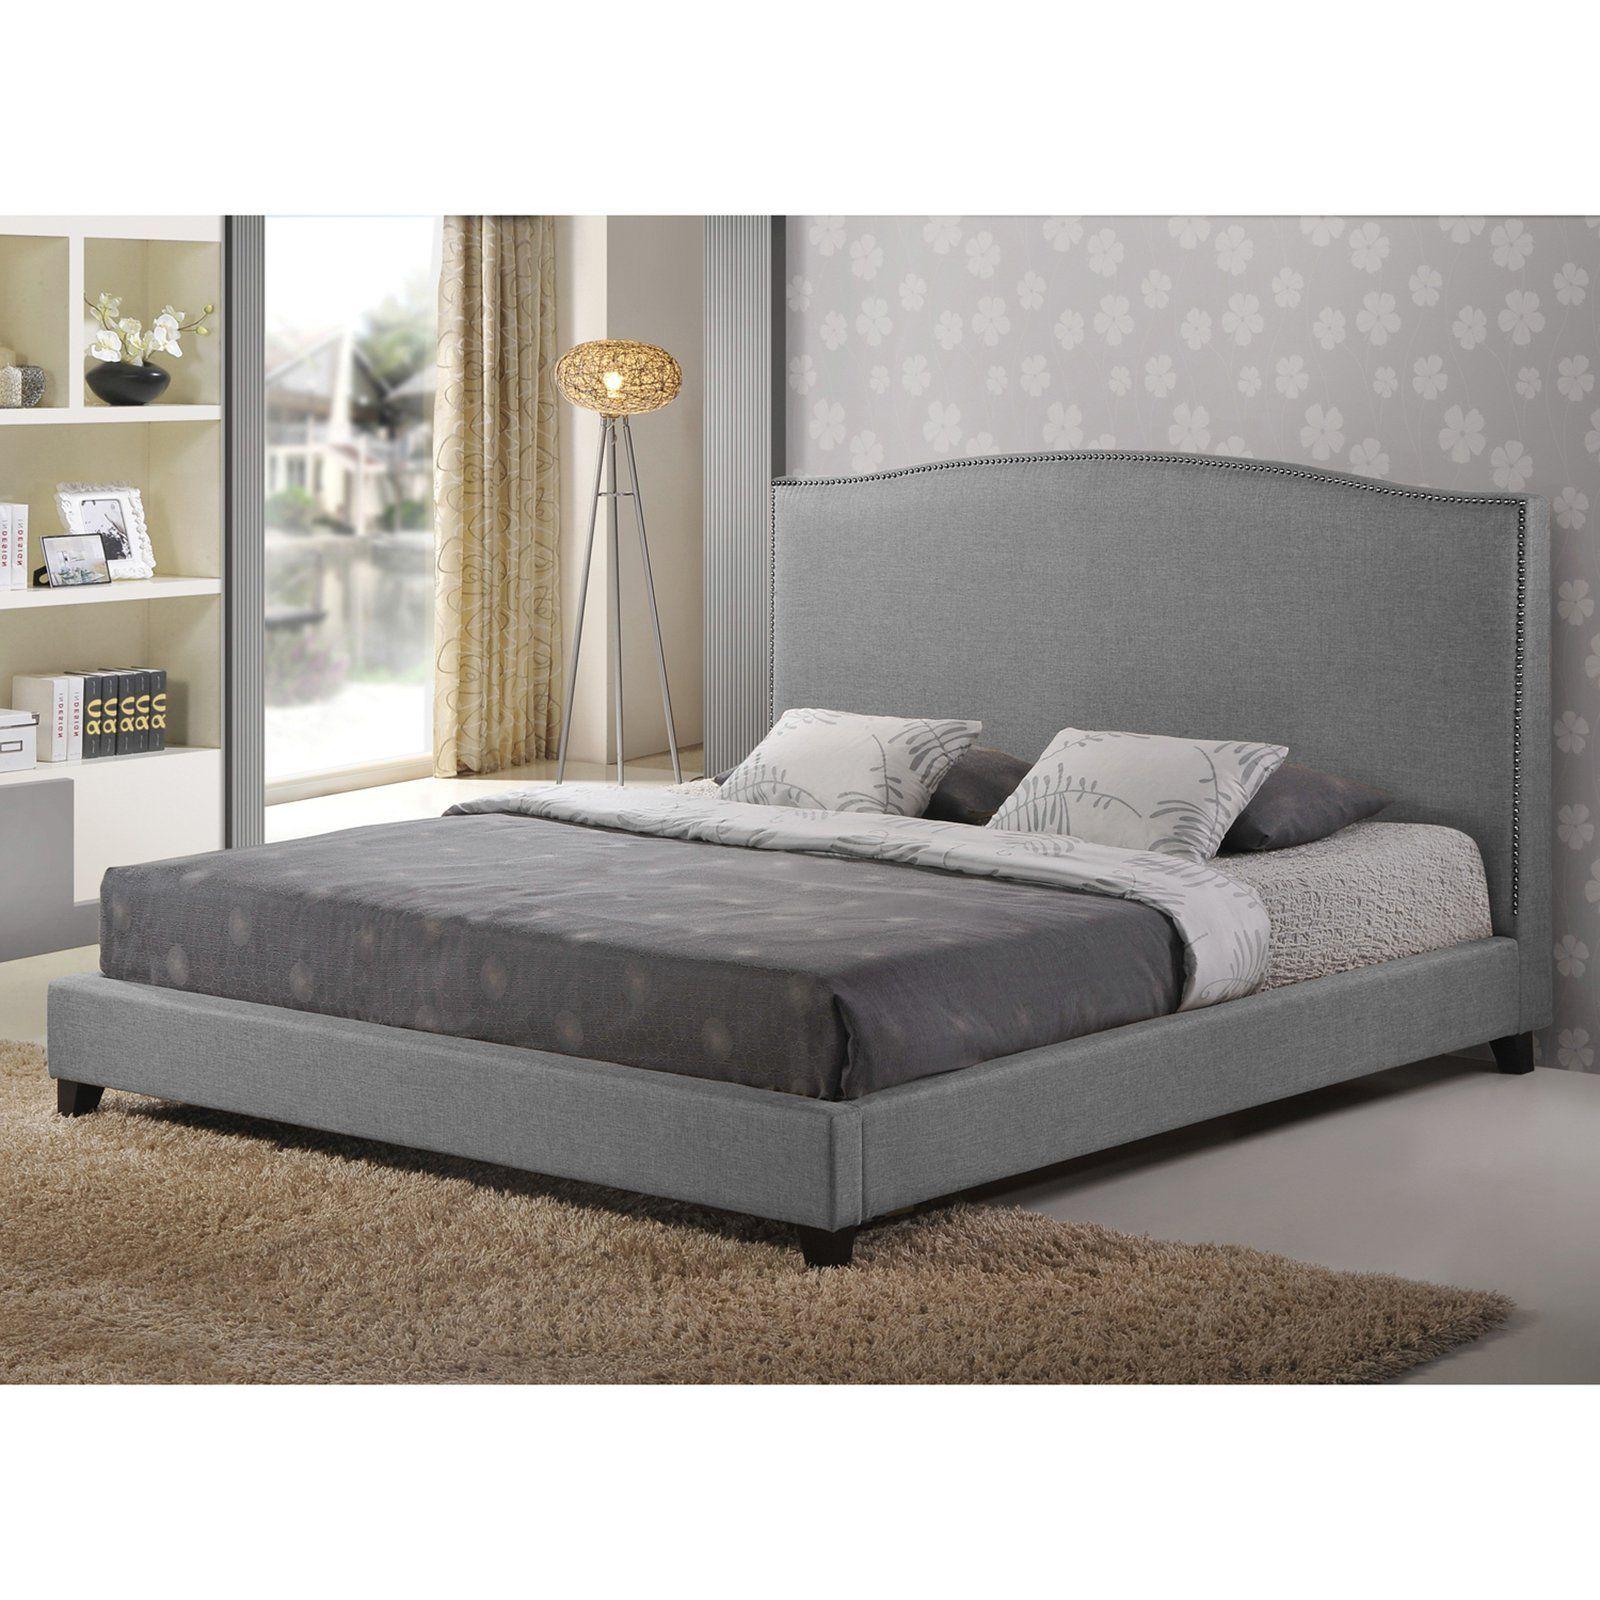 Baxton studio aisling upholstered platform bed grey bbt